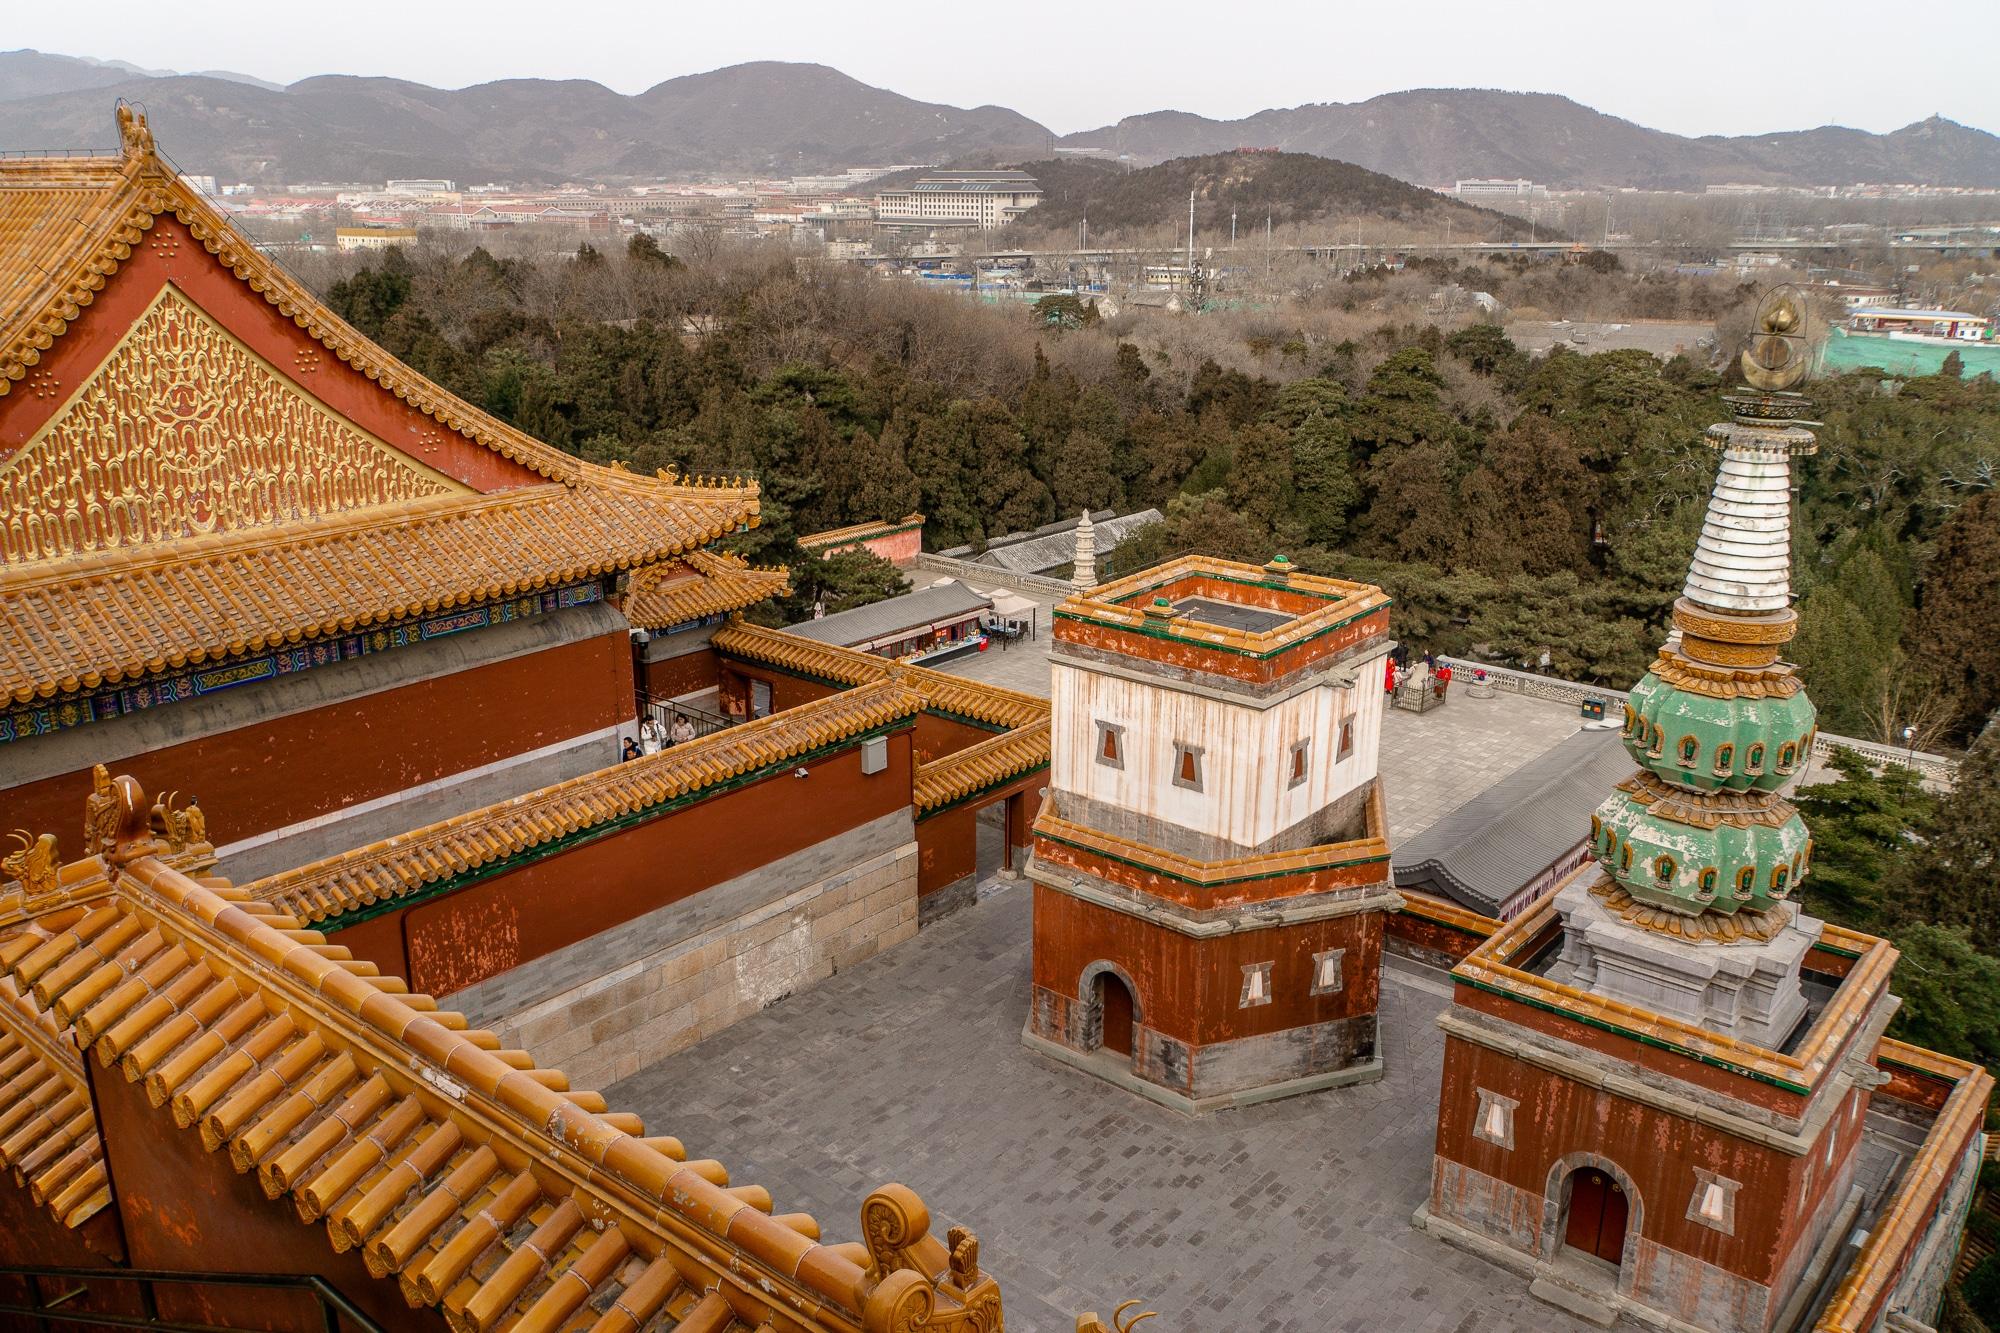 Sommerpalast in Peking: Die schönsten Sehenswürdigkeiten & Highlights - Pavillon der vier großen Kontinente / Four Great Regions